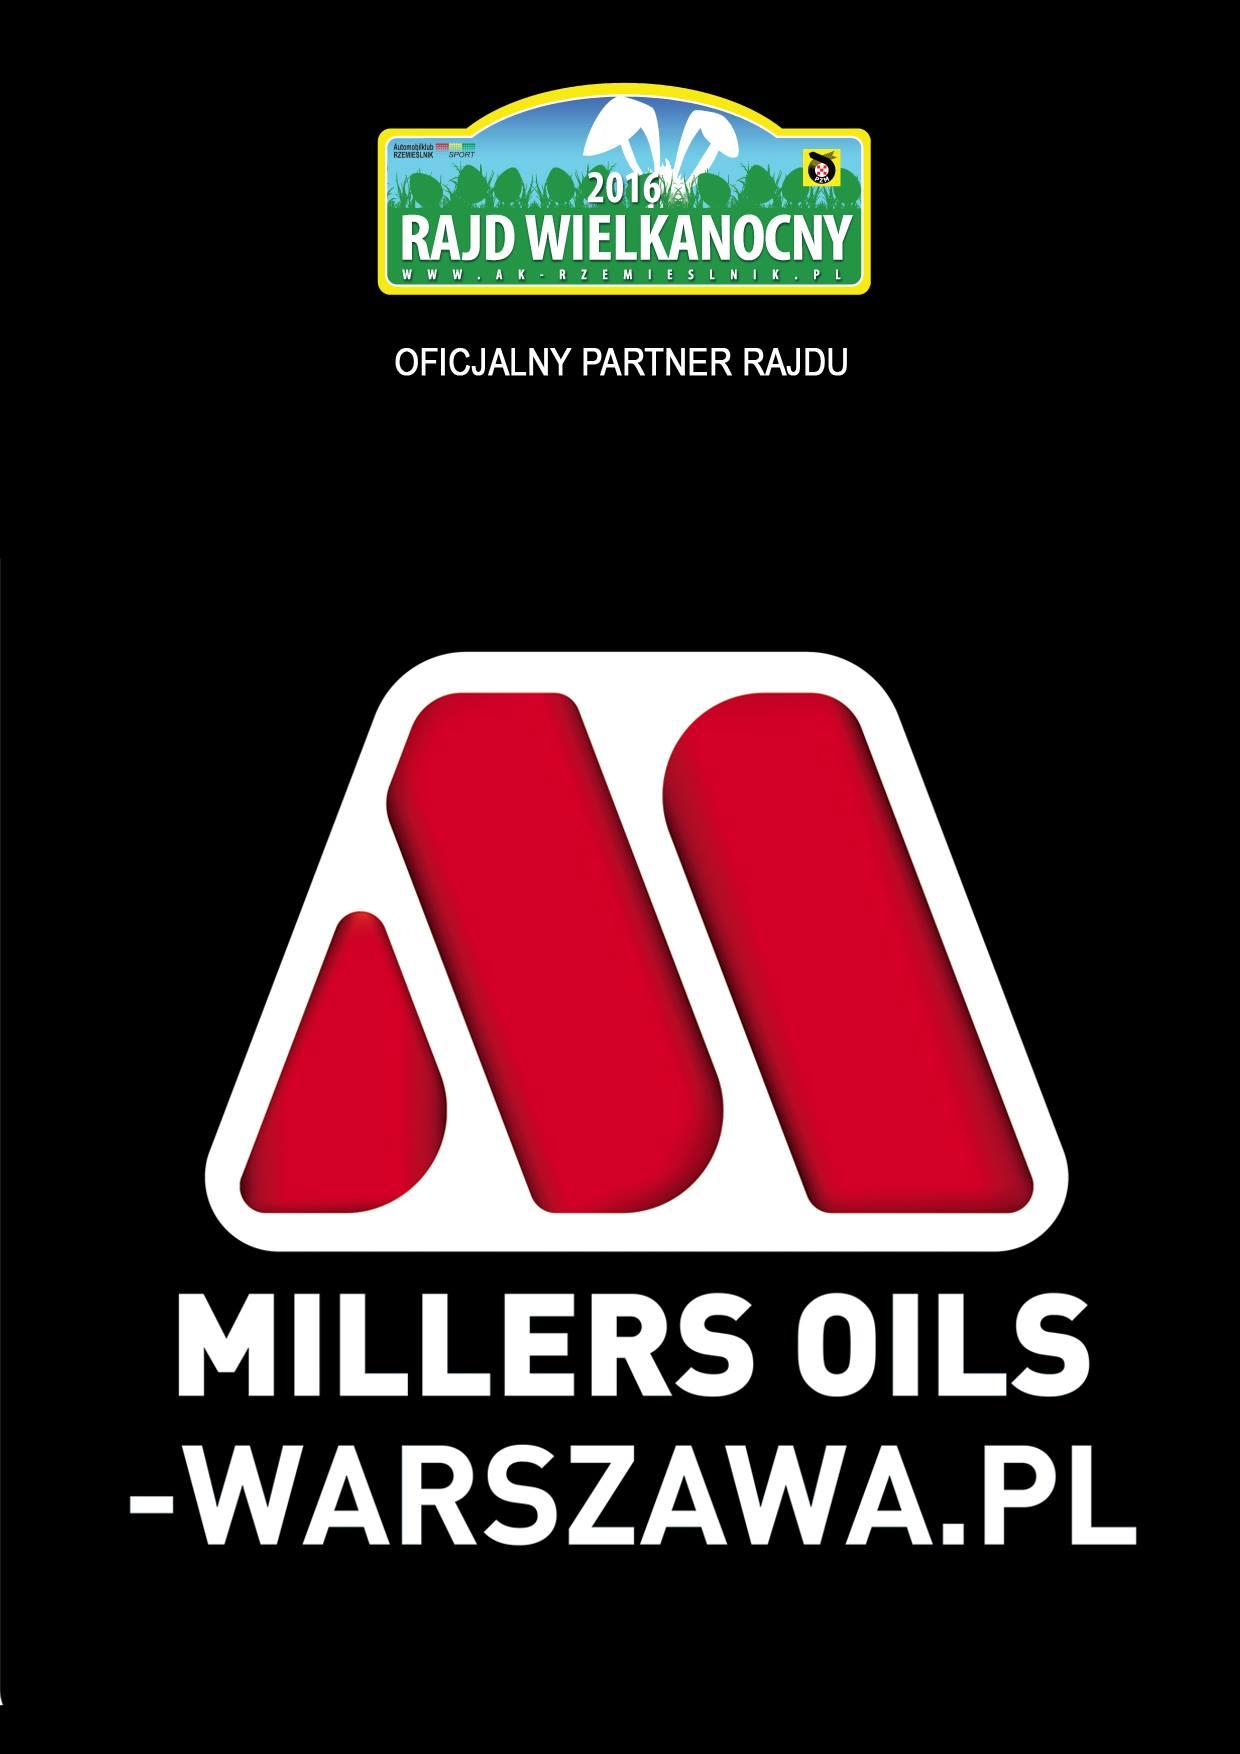 Millers Oils Warszawa Rajd Wielkanocny Automobilklub Rzemieślnik